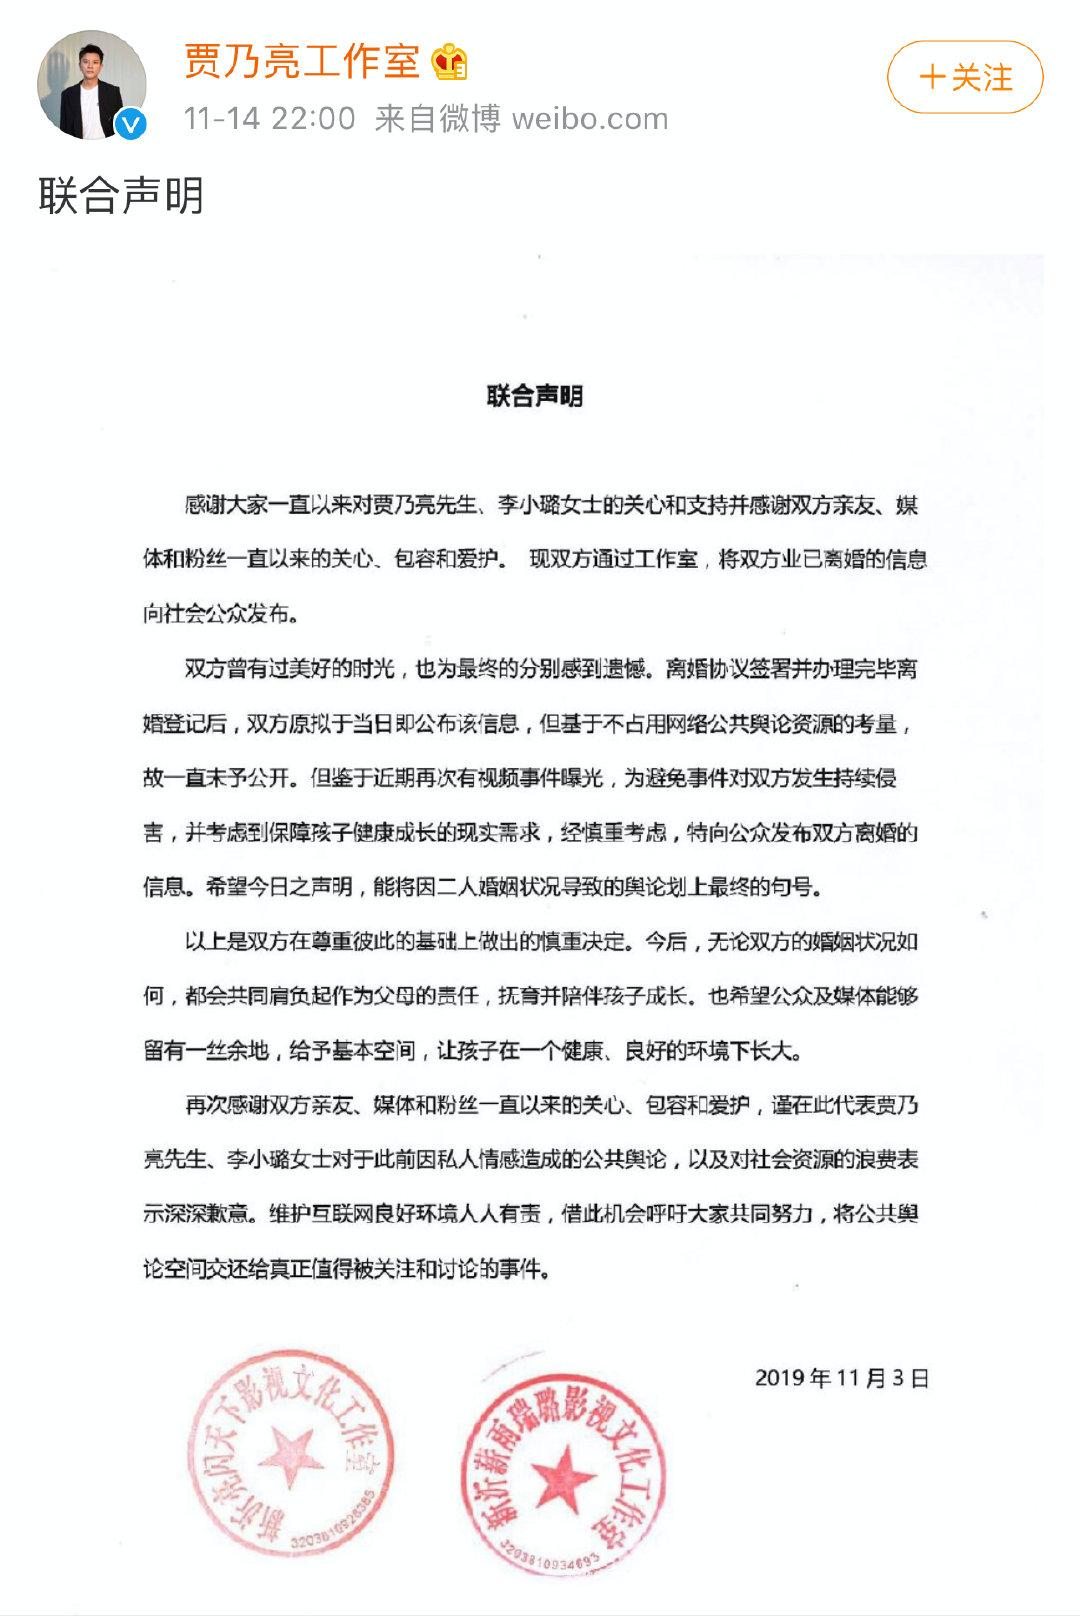 賈乃亮工作室發出二人聯合離婚聲明。